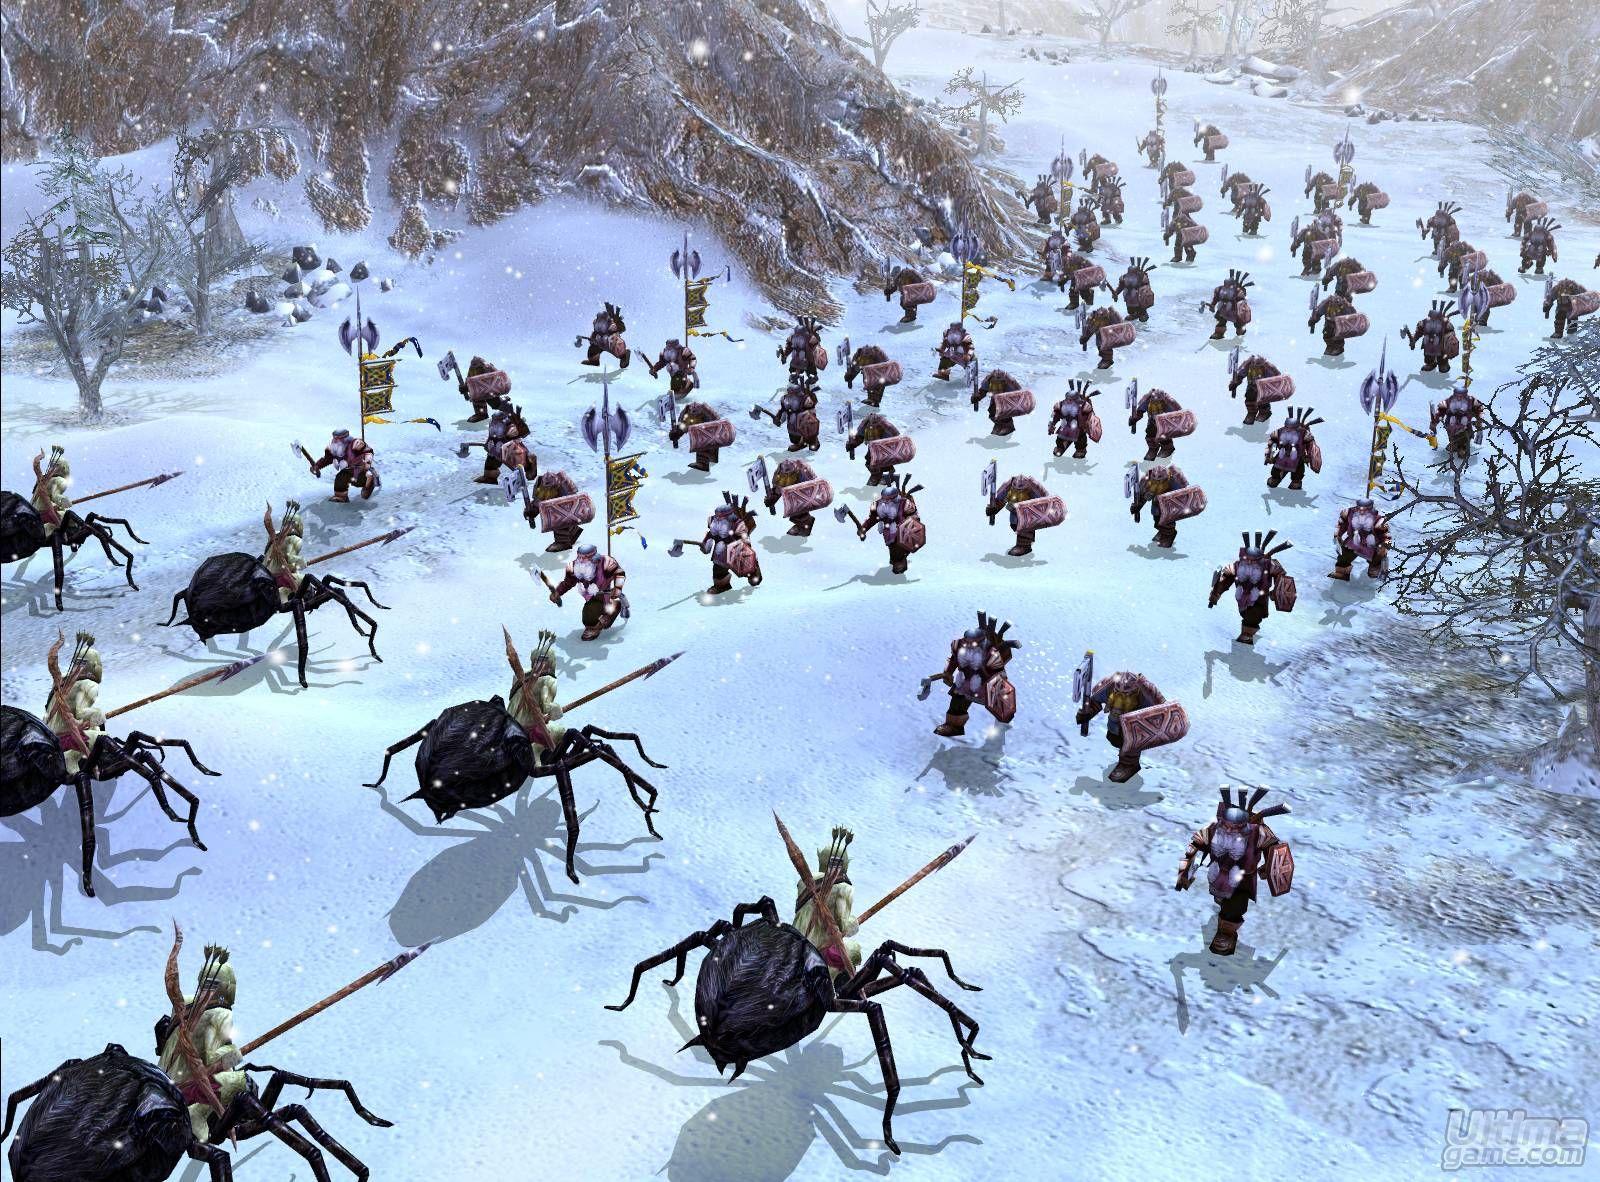 Portada en español y cuatro nuevas imágenes de El Señor de los Anillos: Batalla por la Tierra Media 2 para PC de El Señor de los Anillos: La Batalla por la Tierra Media 2 - imagen 5